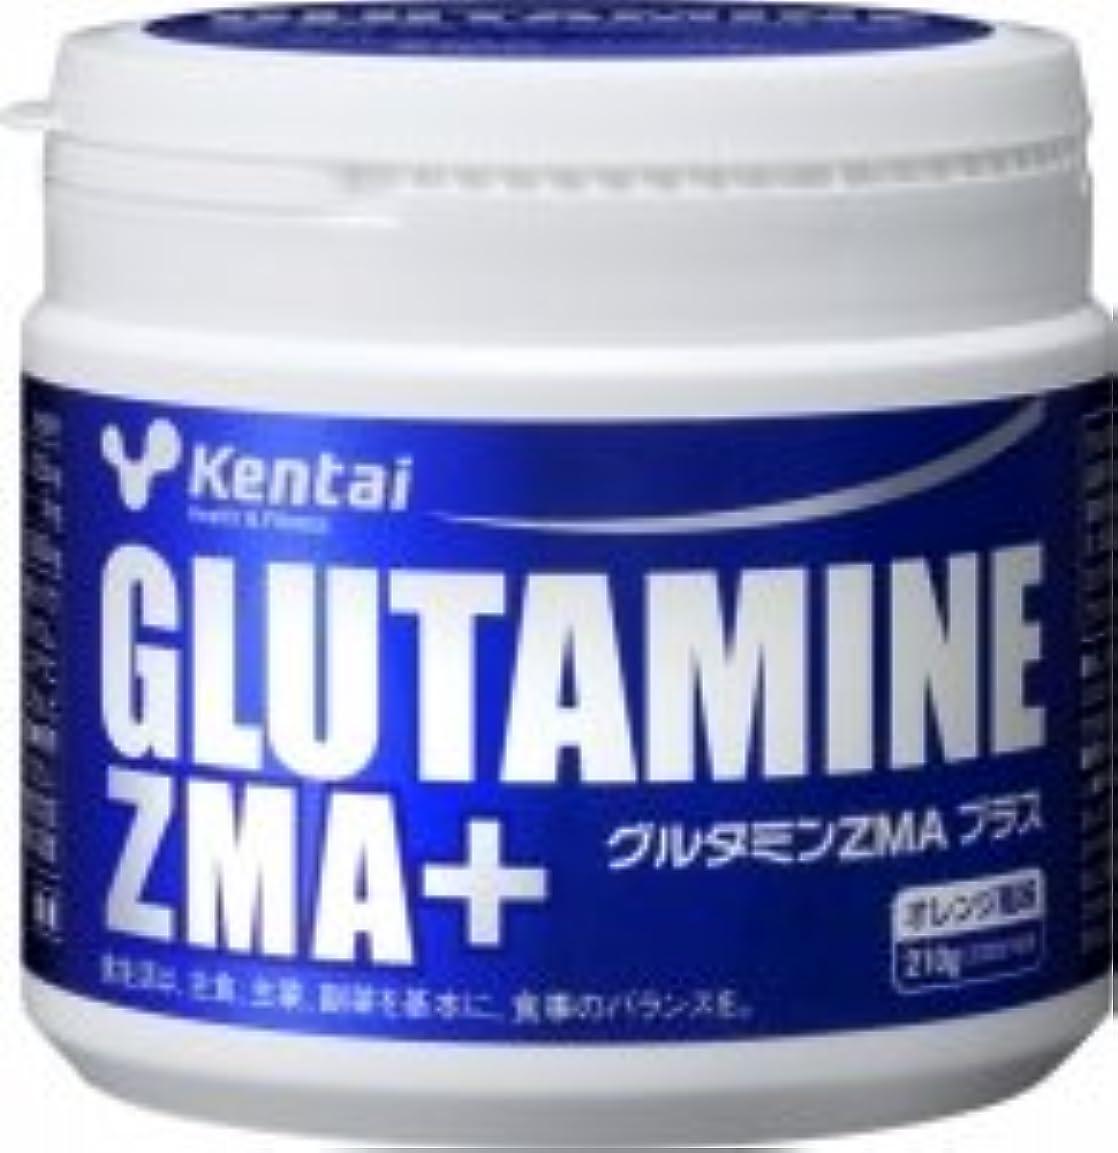 ためらう森実験室【健康体力研究所 (Kentai)】 グルタミンZMAプラス 210g